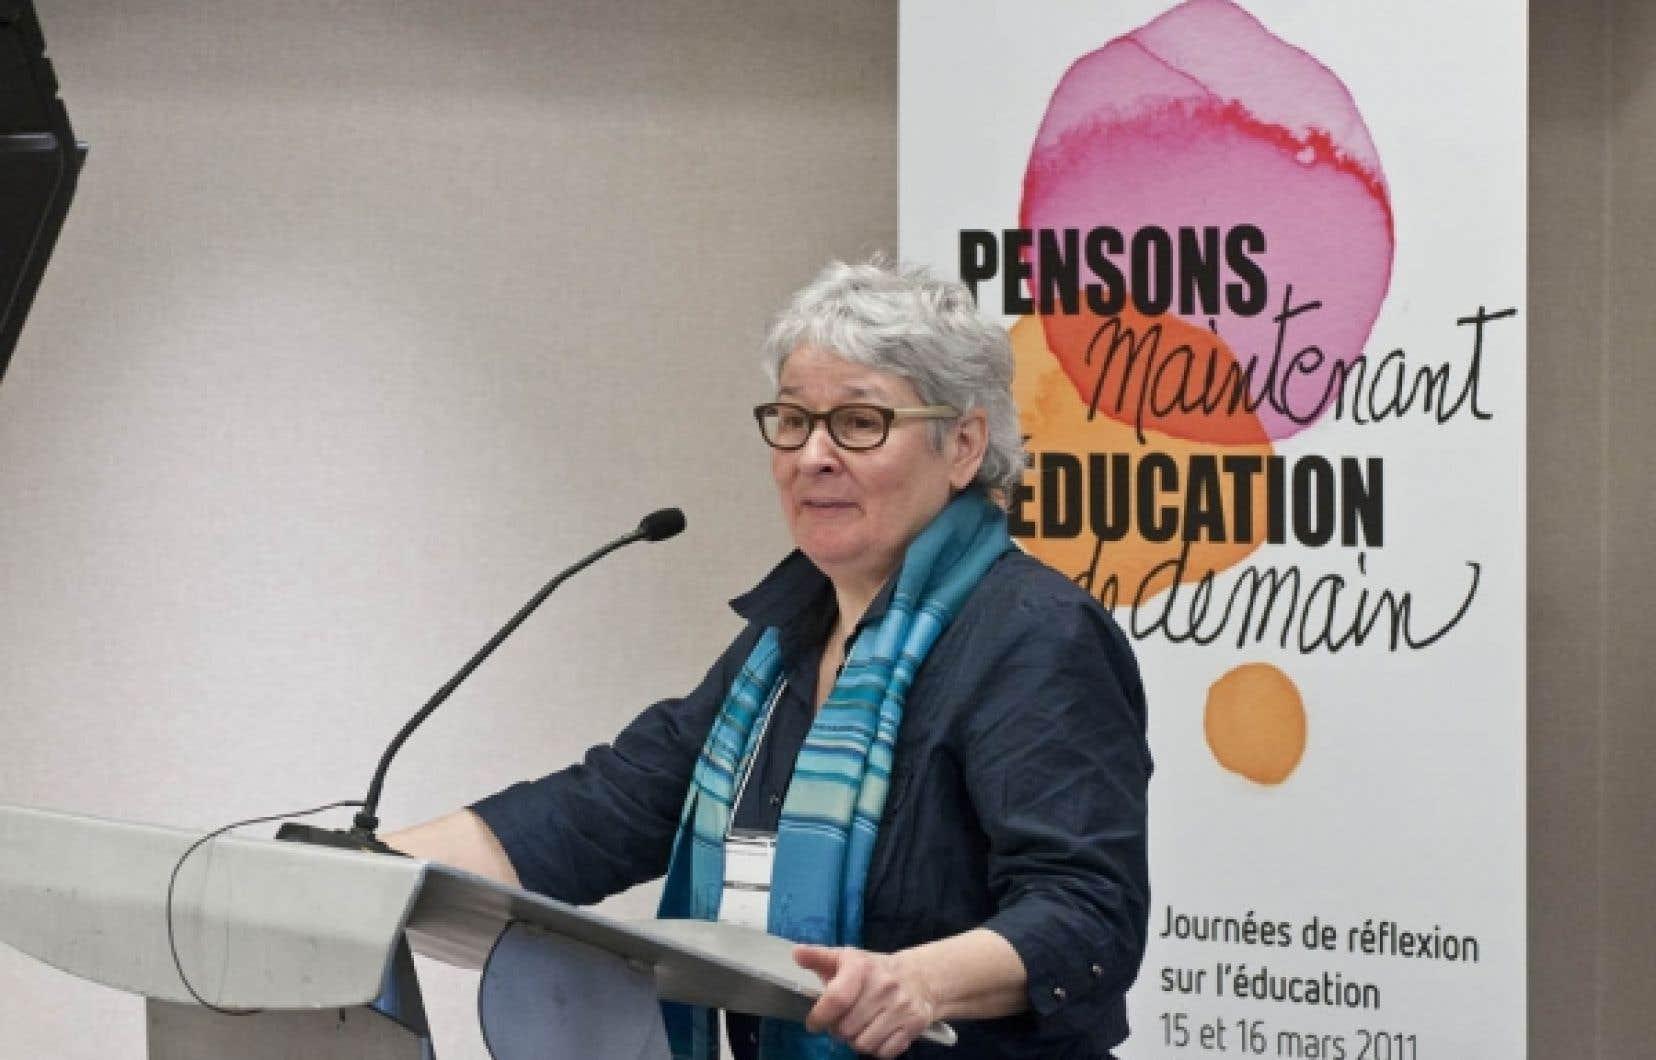 Denise Boucher, vice-pr&eacute;sidente de la CSN, a particip&eacute; aux journ&eacute;es de r&eacute;flexion &laquo;Pensons maintenant l&rsquo;&eacute;ducation de demain&raquo;, les 15 et 16 mars 2011, &agrave; Montr&eacute;al.<br />